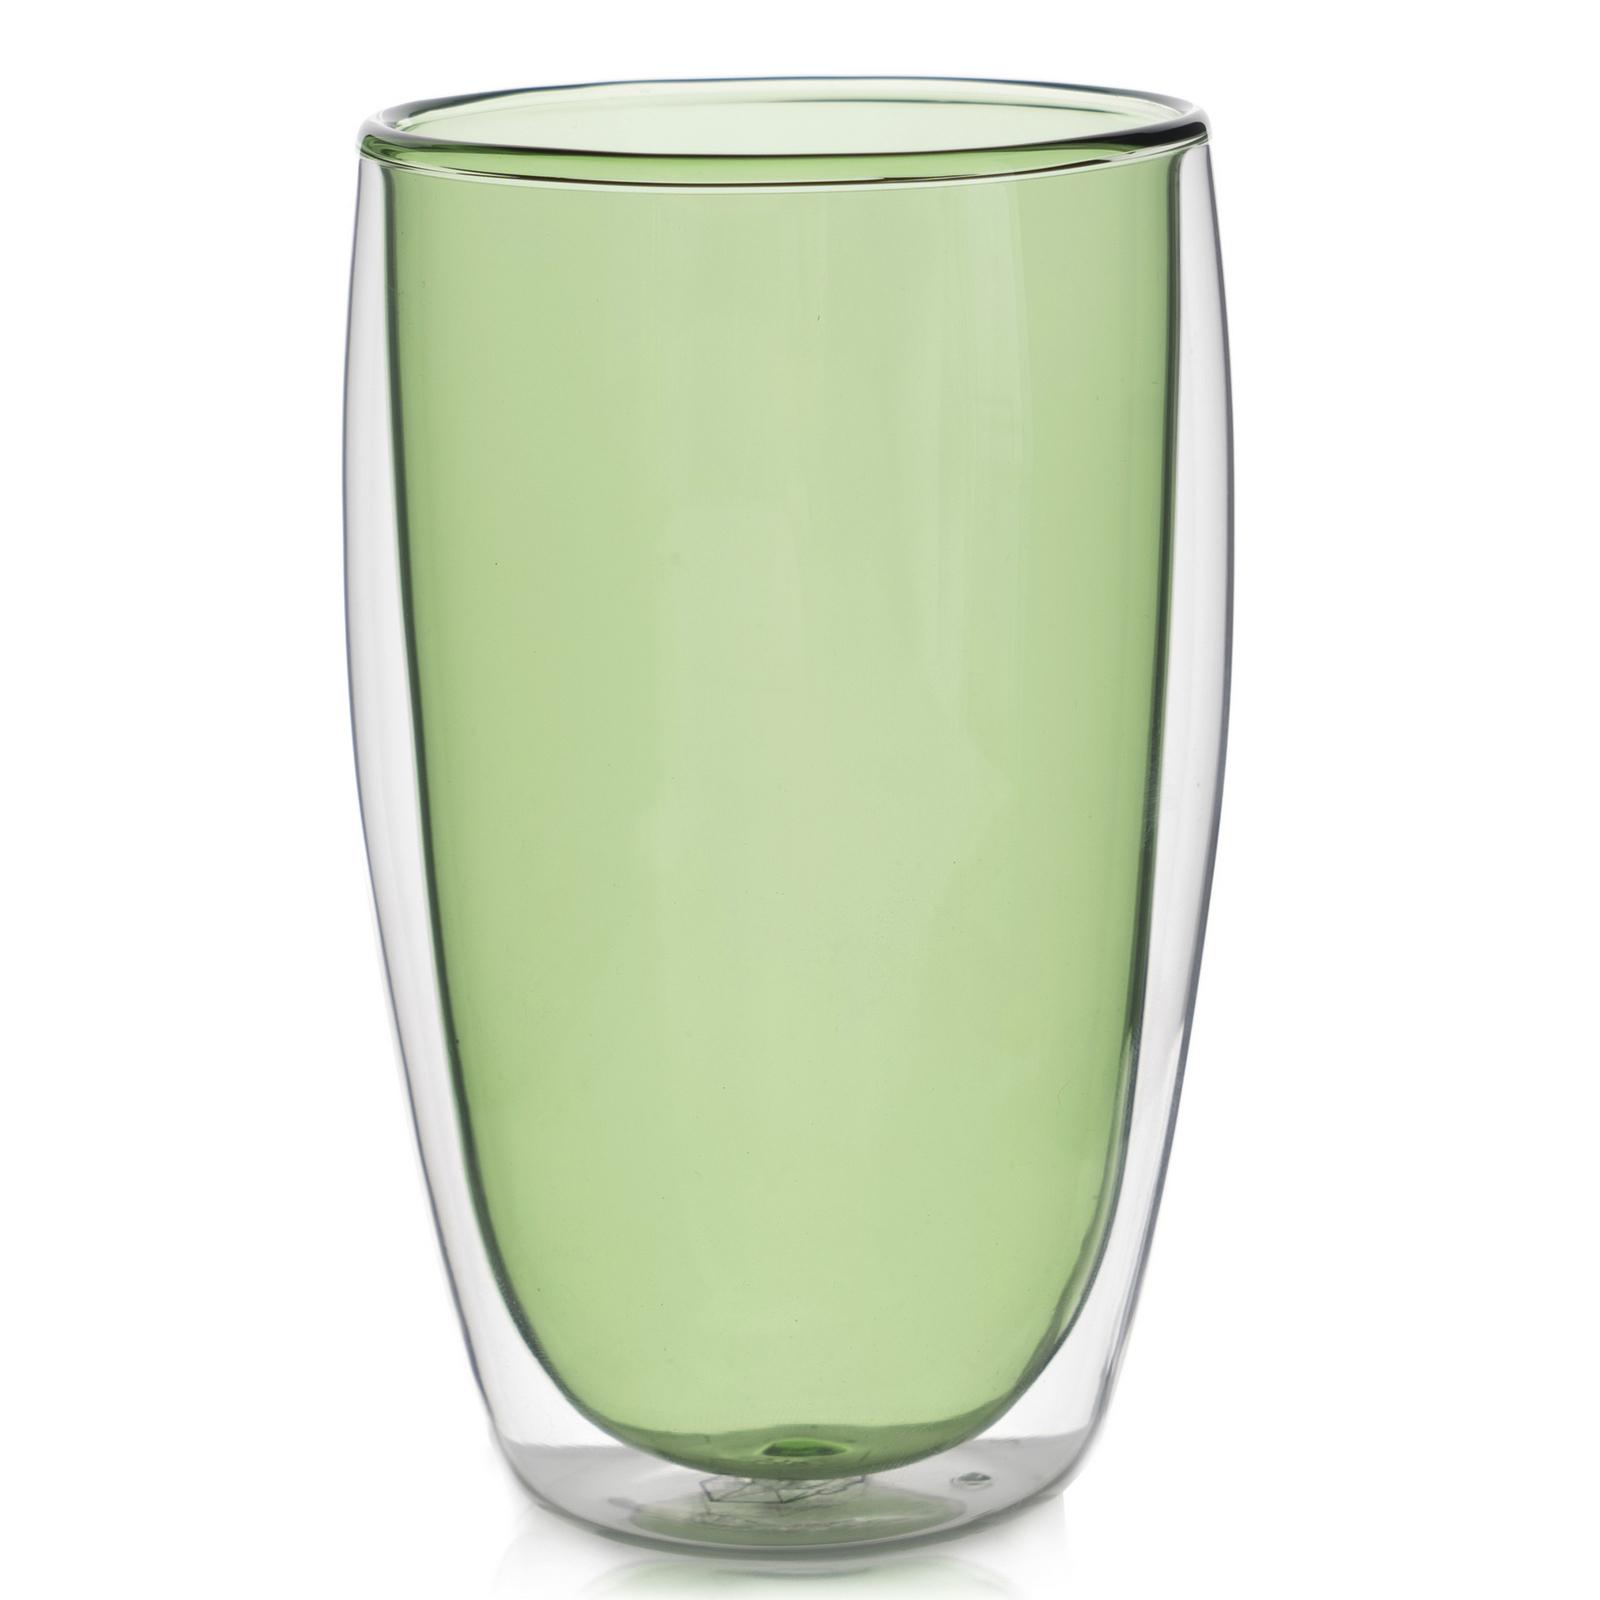 Все товары Стакан с двойными стенками цветной 450 мл, зеленый зеленый11.jpg